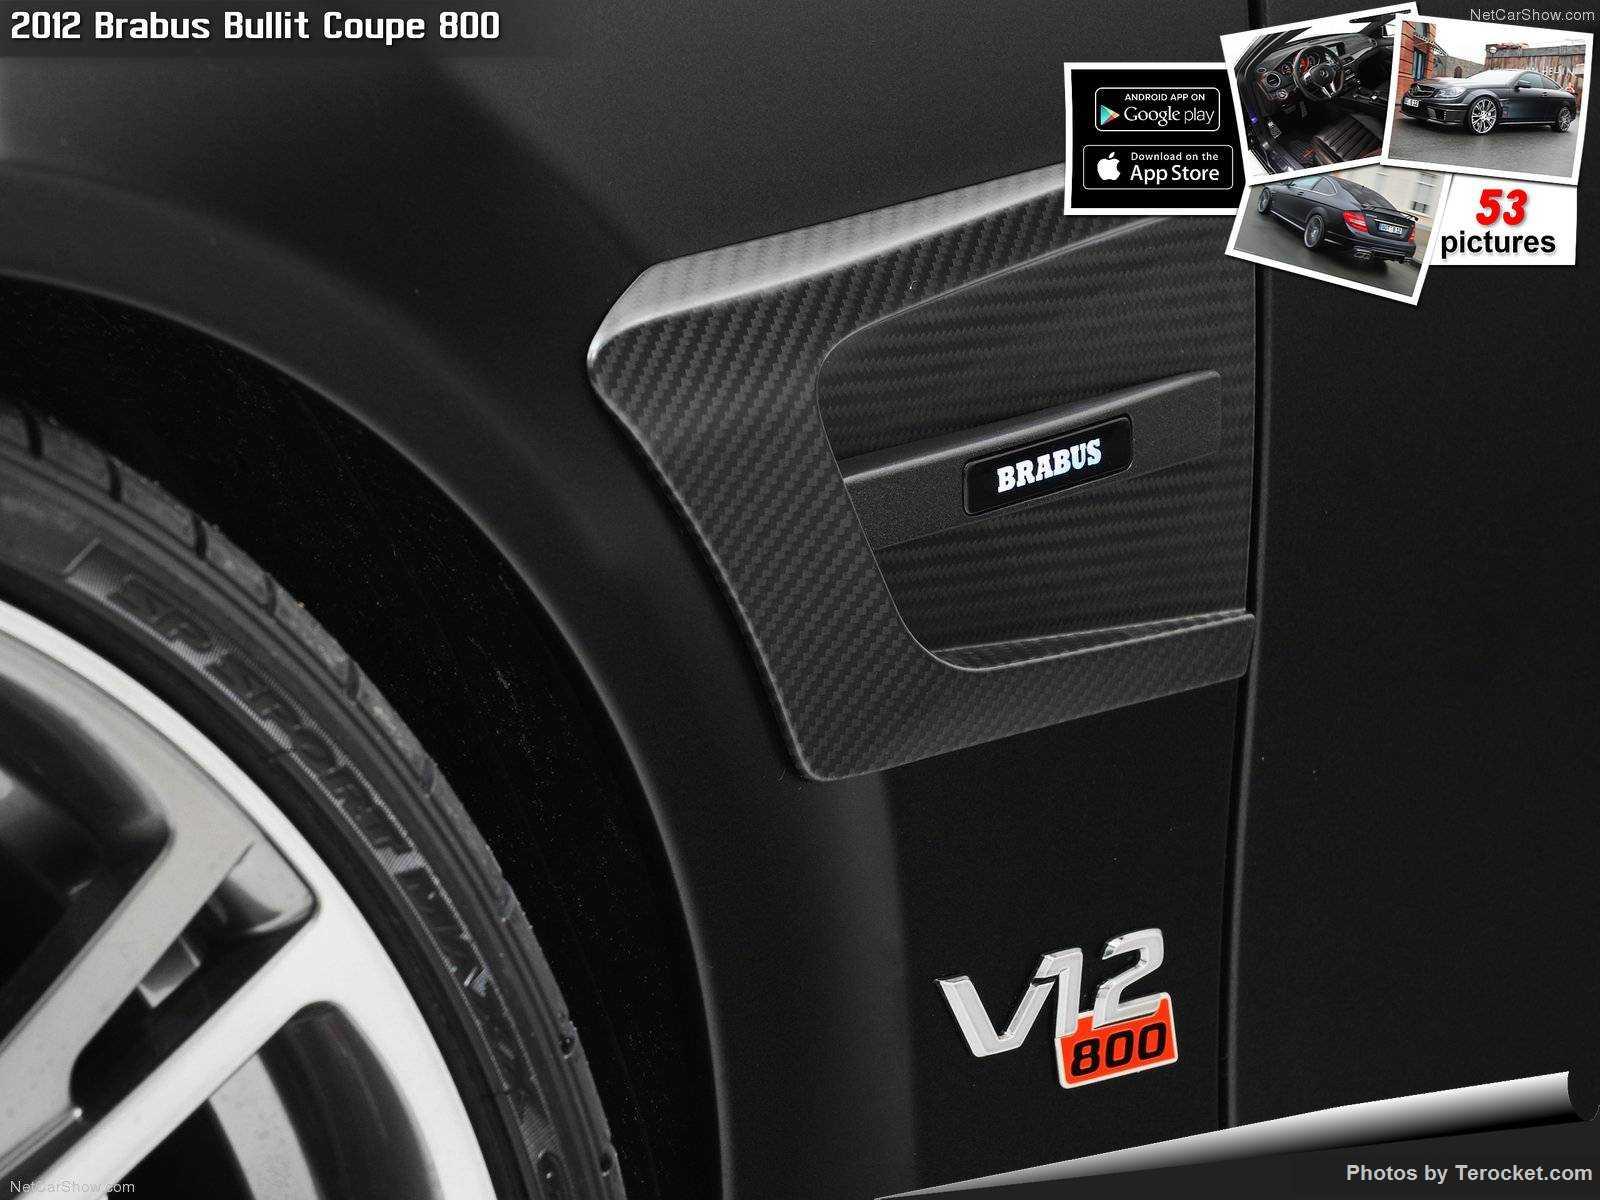 Hình ảnh xe ô tô Brabus Bullit Coupe 800 2012 & nội ngoại thất